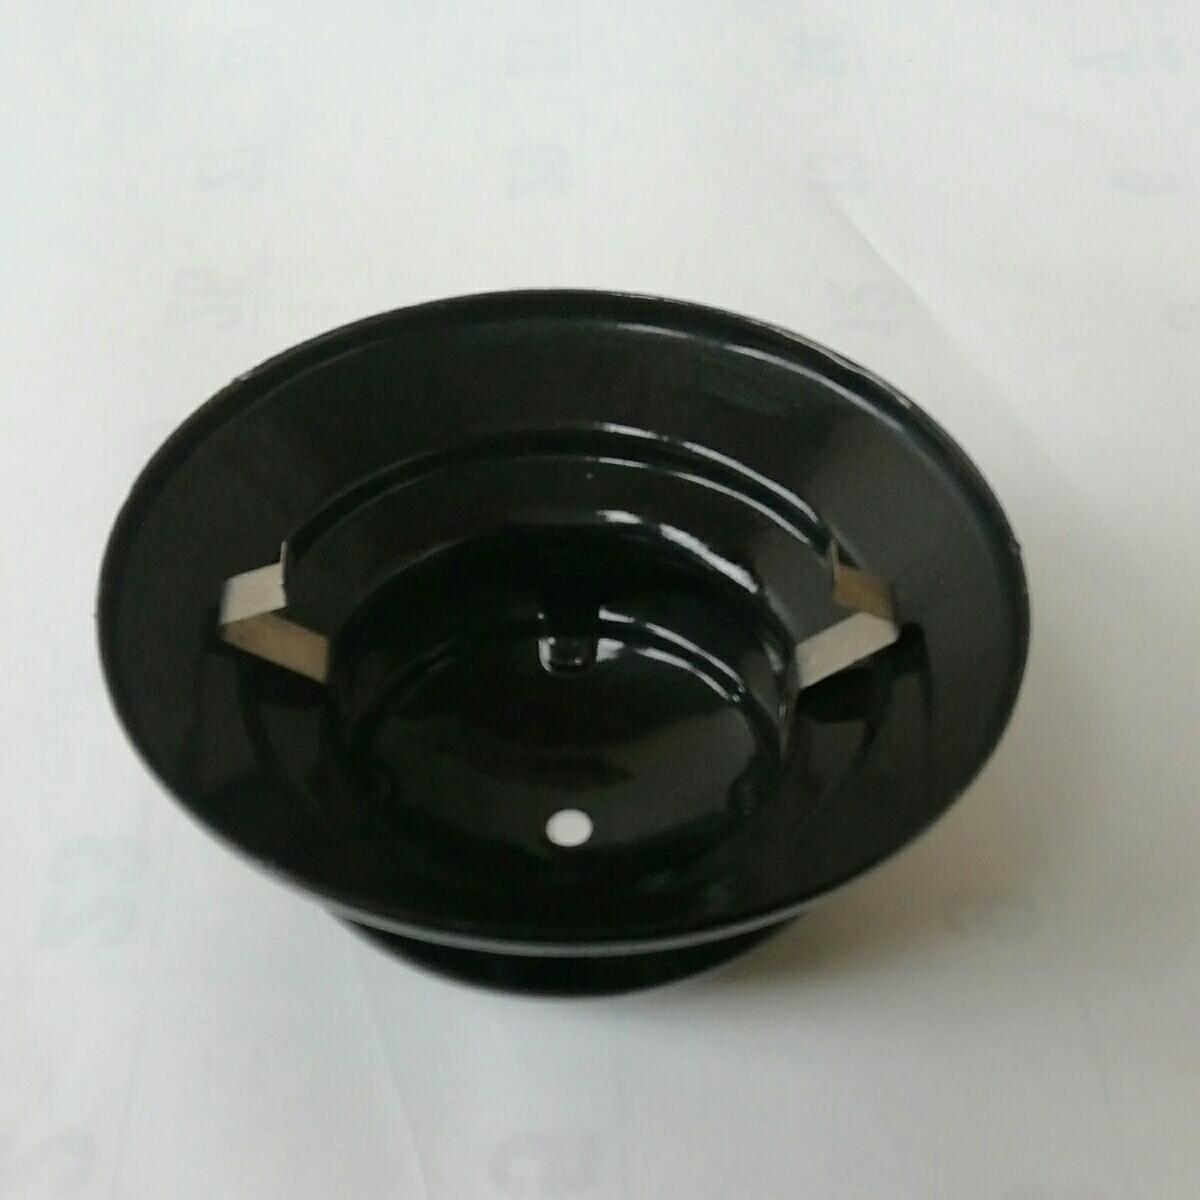 コールマン ランタン 200B用 ベンチレーター黒 未使用_画像2